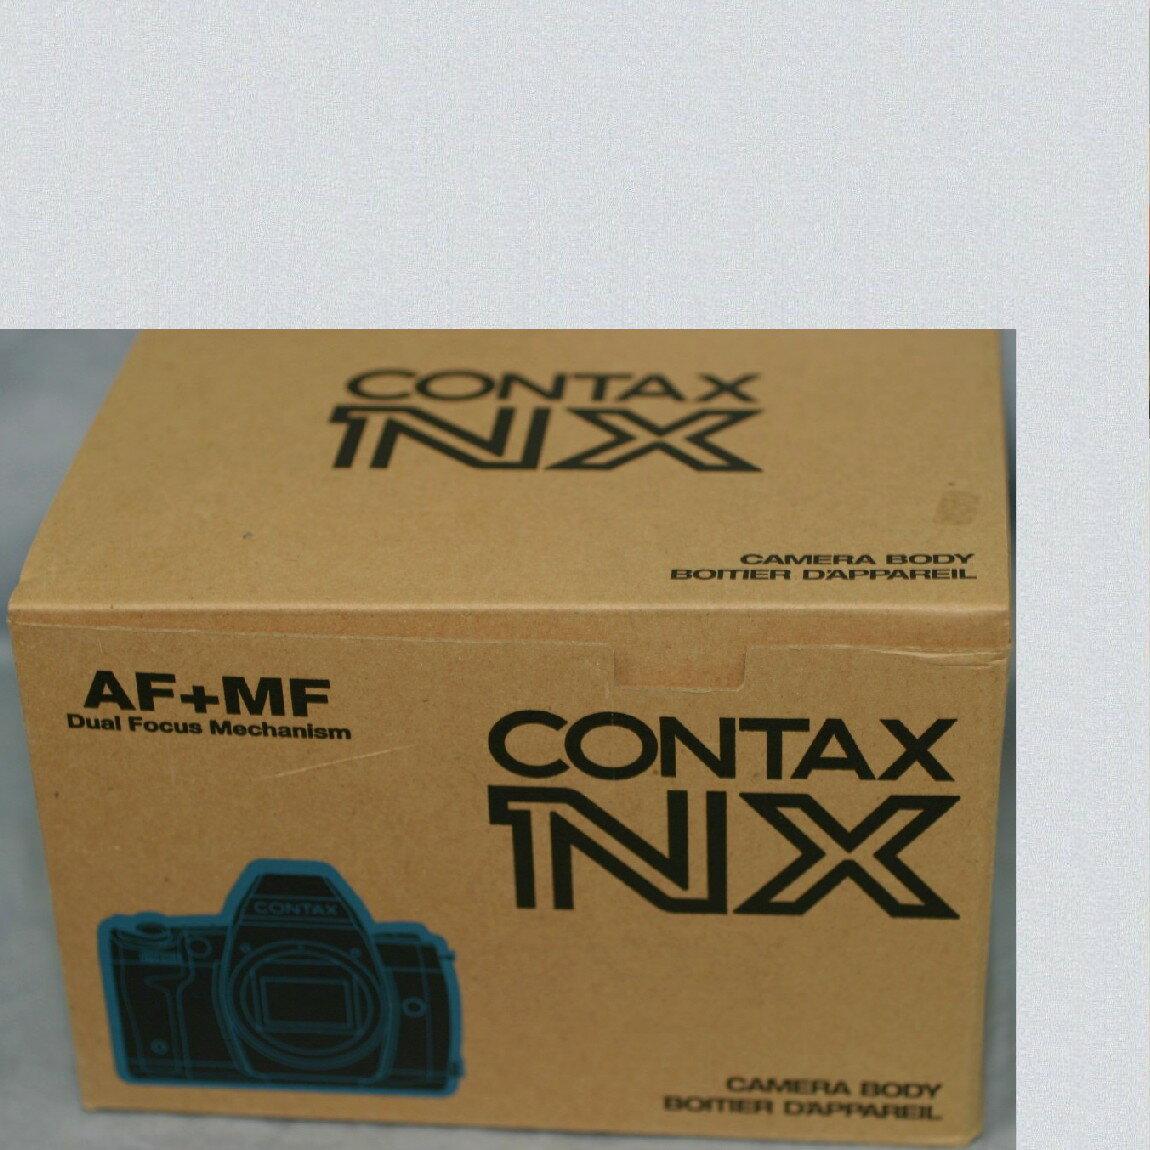 【中古】本物新品未開封コンタックス94000円AF+MFカメラNX